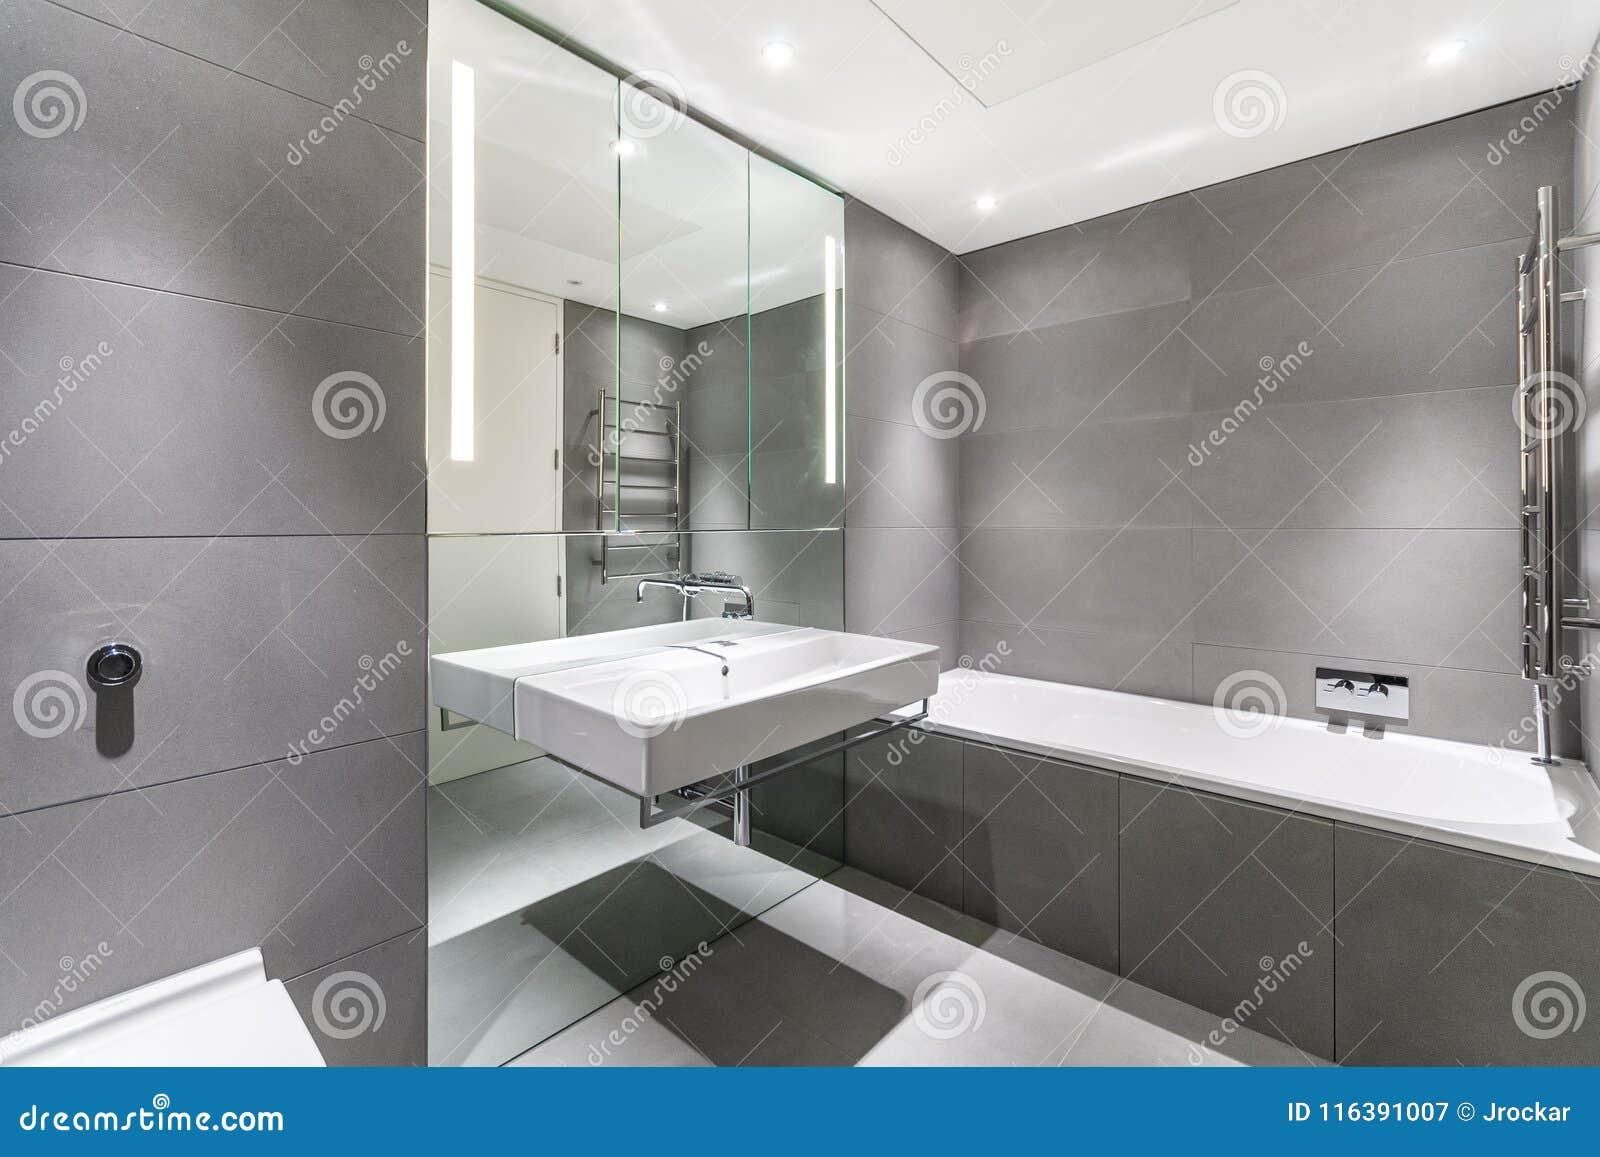 Bagno Minimalista Moderno In Grigio Ed In Bianco Immagine Stock